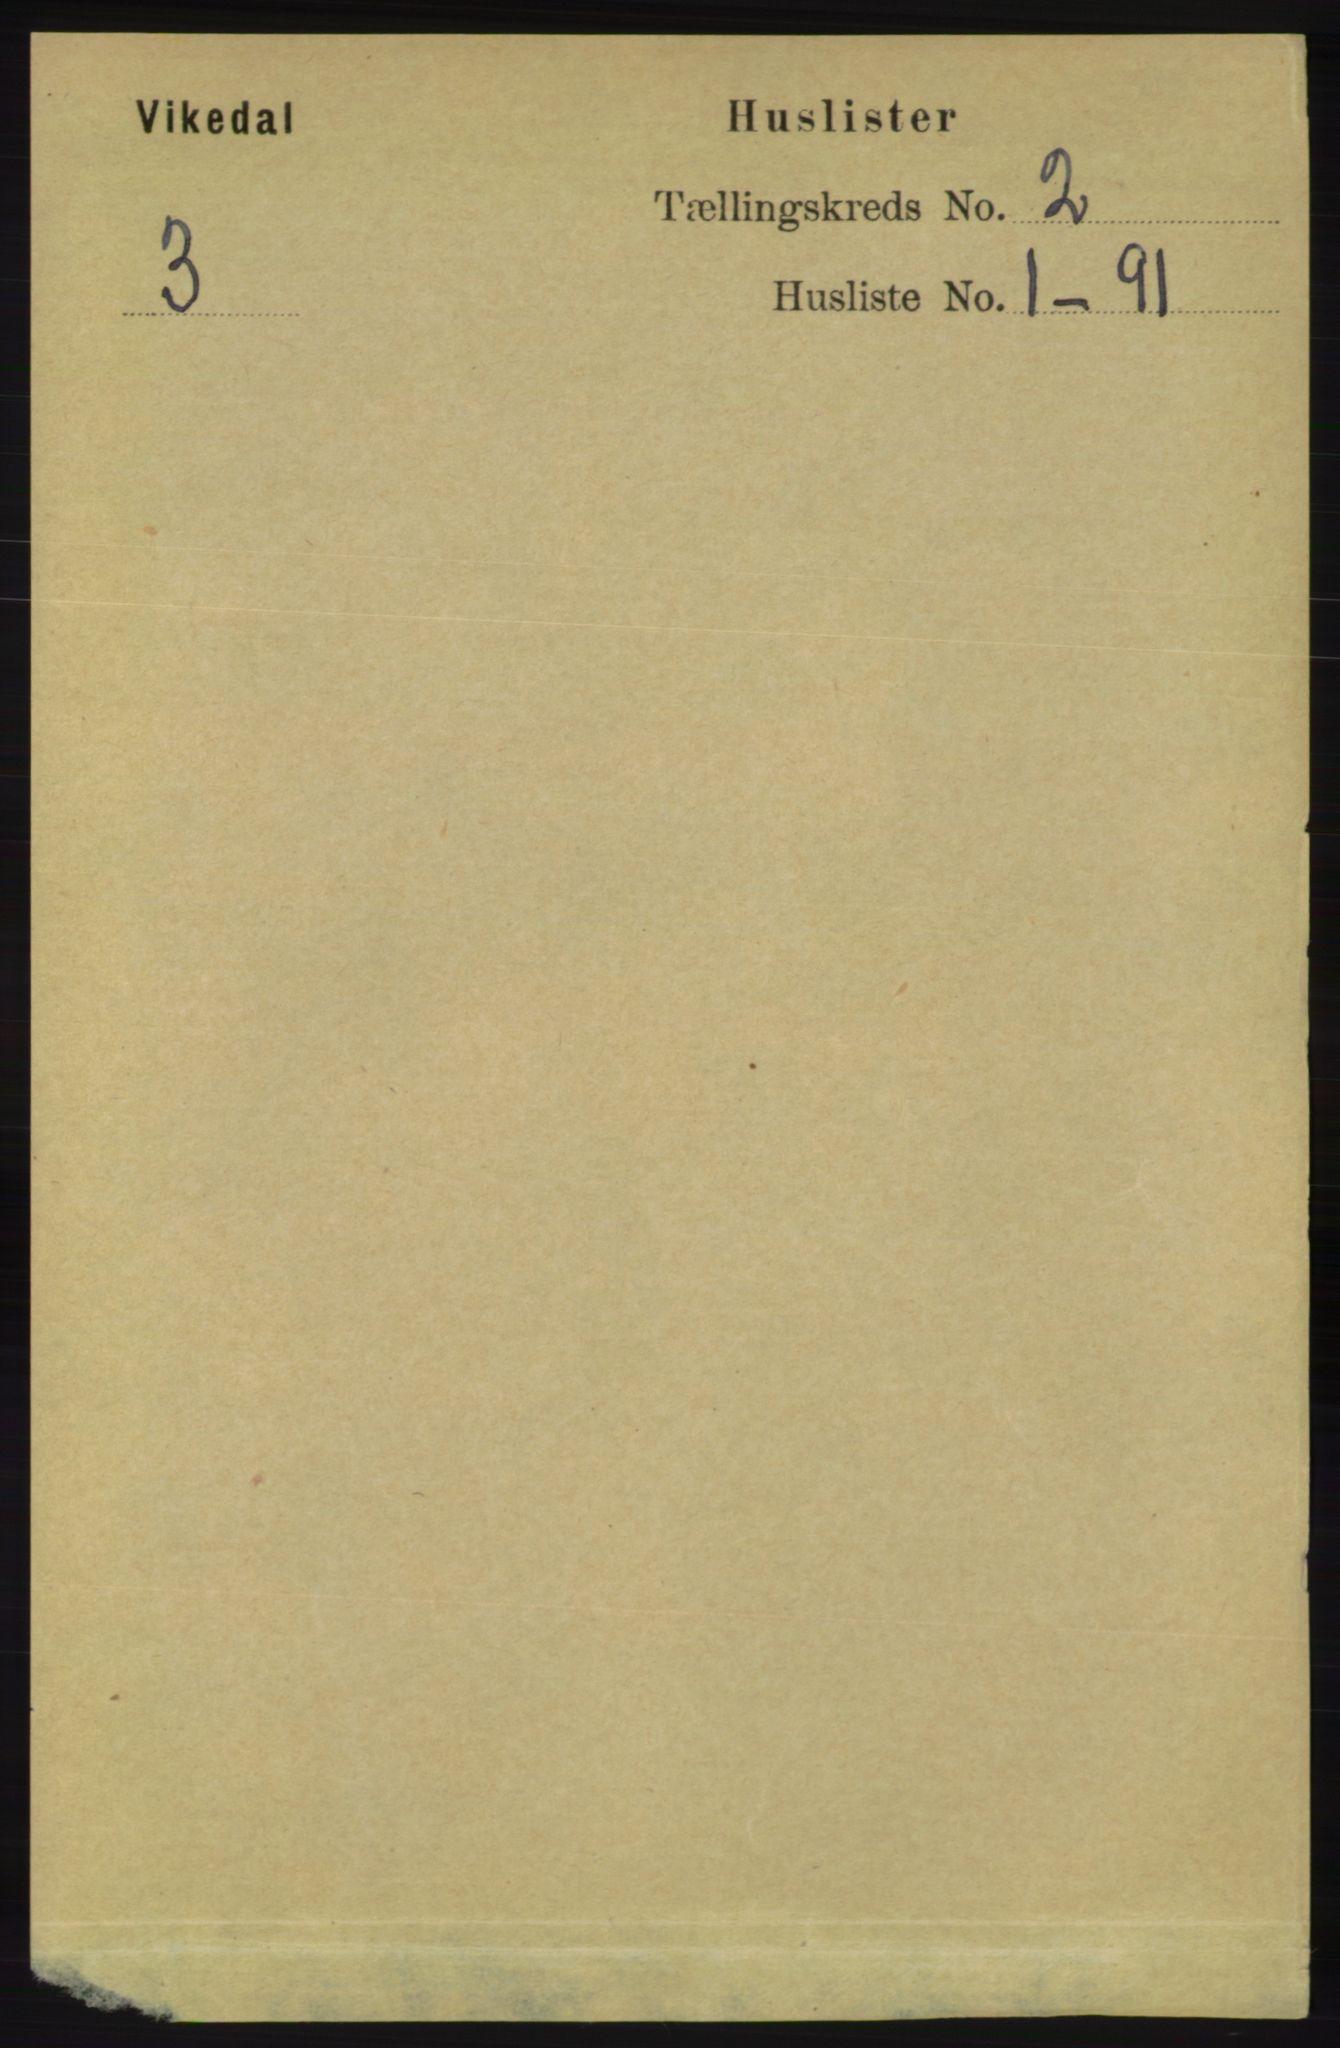 RA, Folketelling 1891 for 1157 Vikedal herred, 1891, s. 194